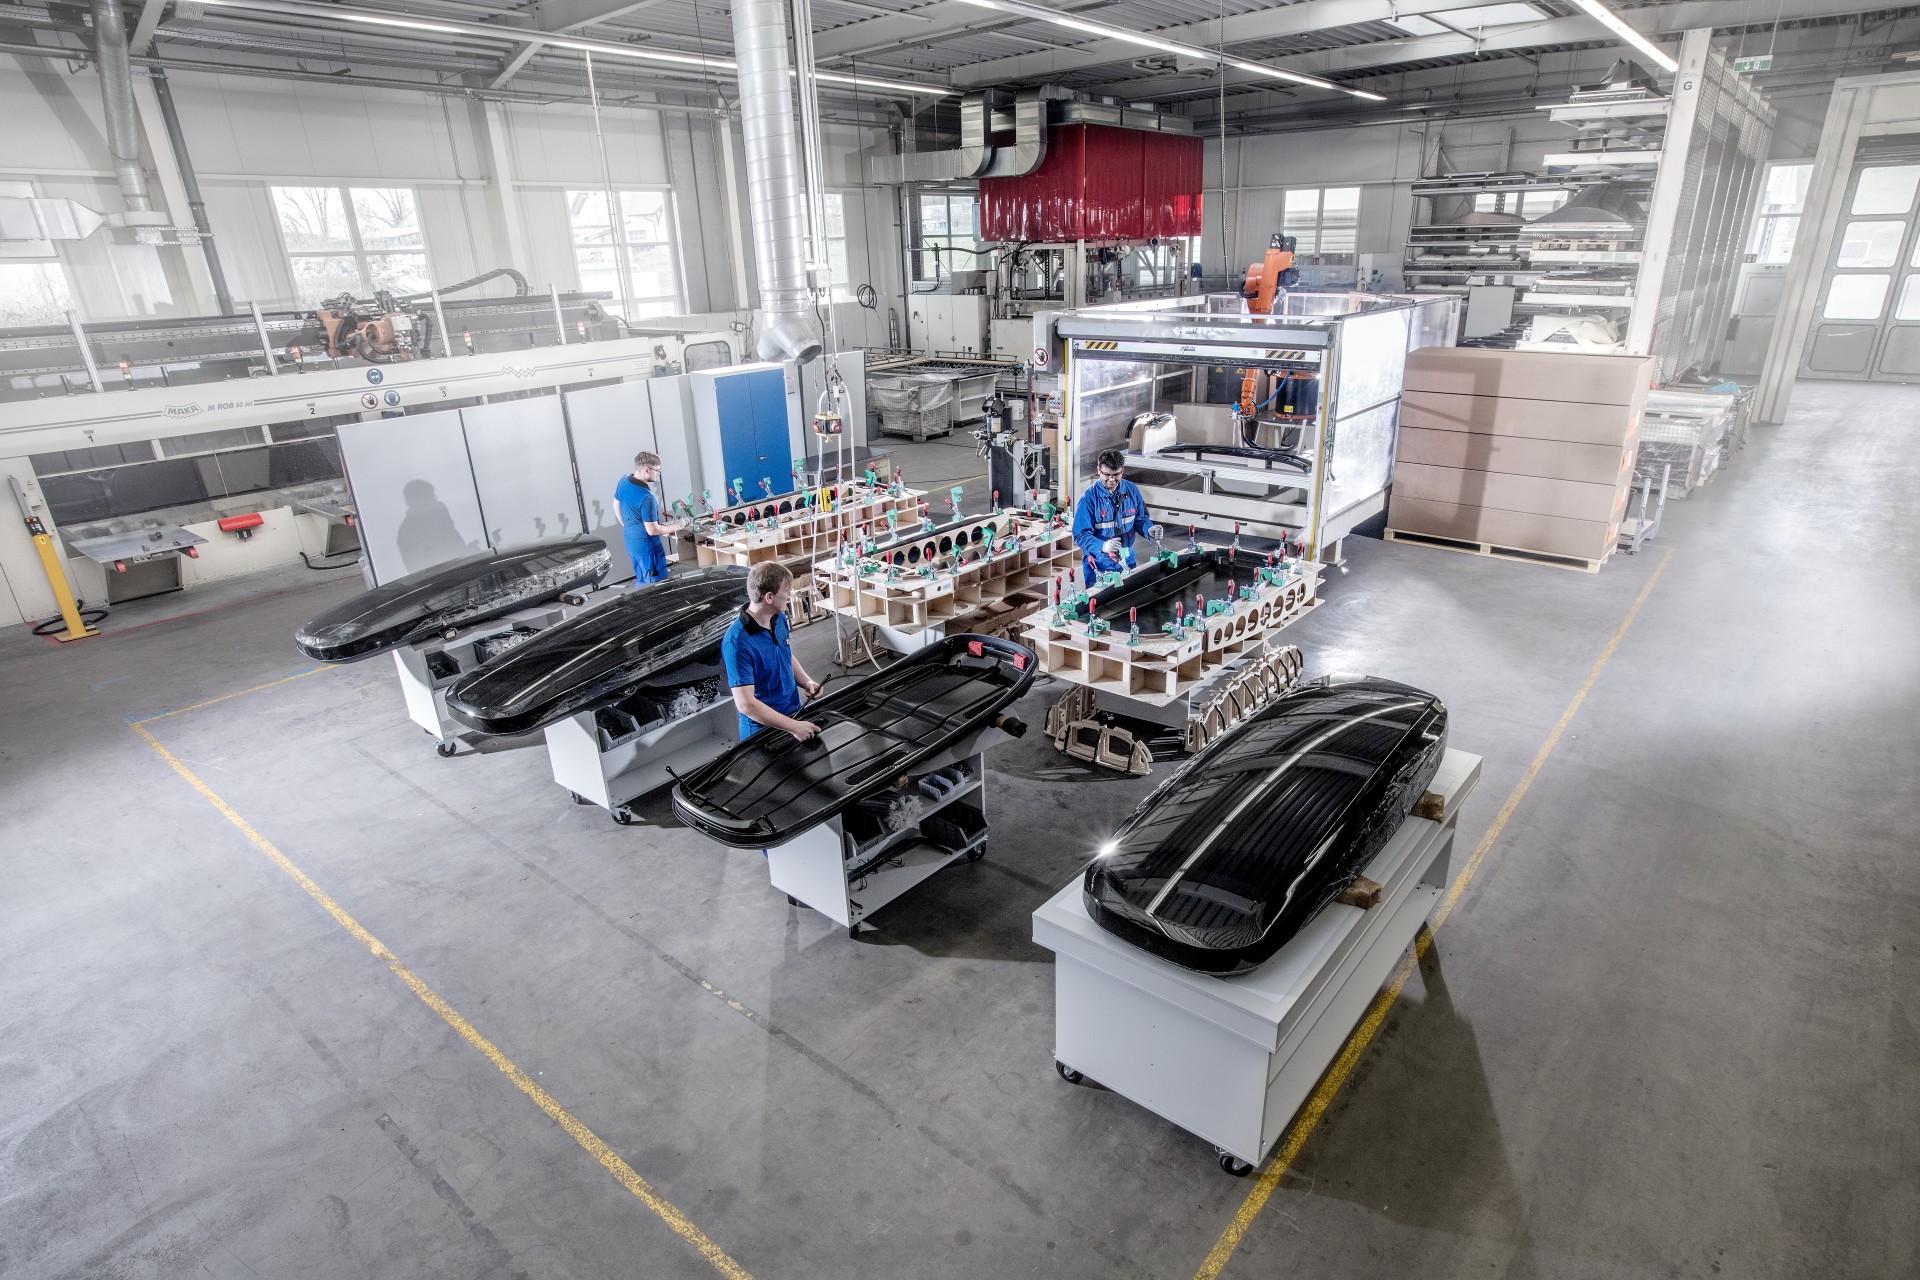 Mitarbeiter stellen Dachboxen in einer swissplast Fabrik her